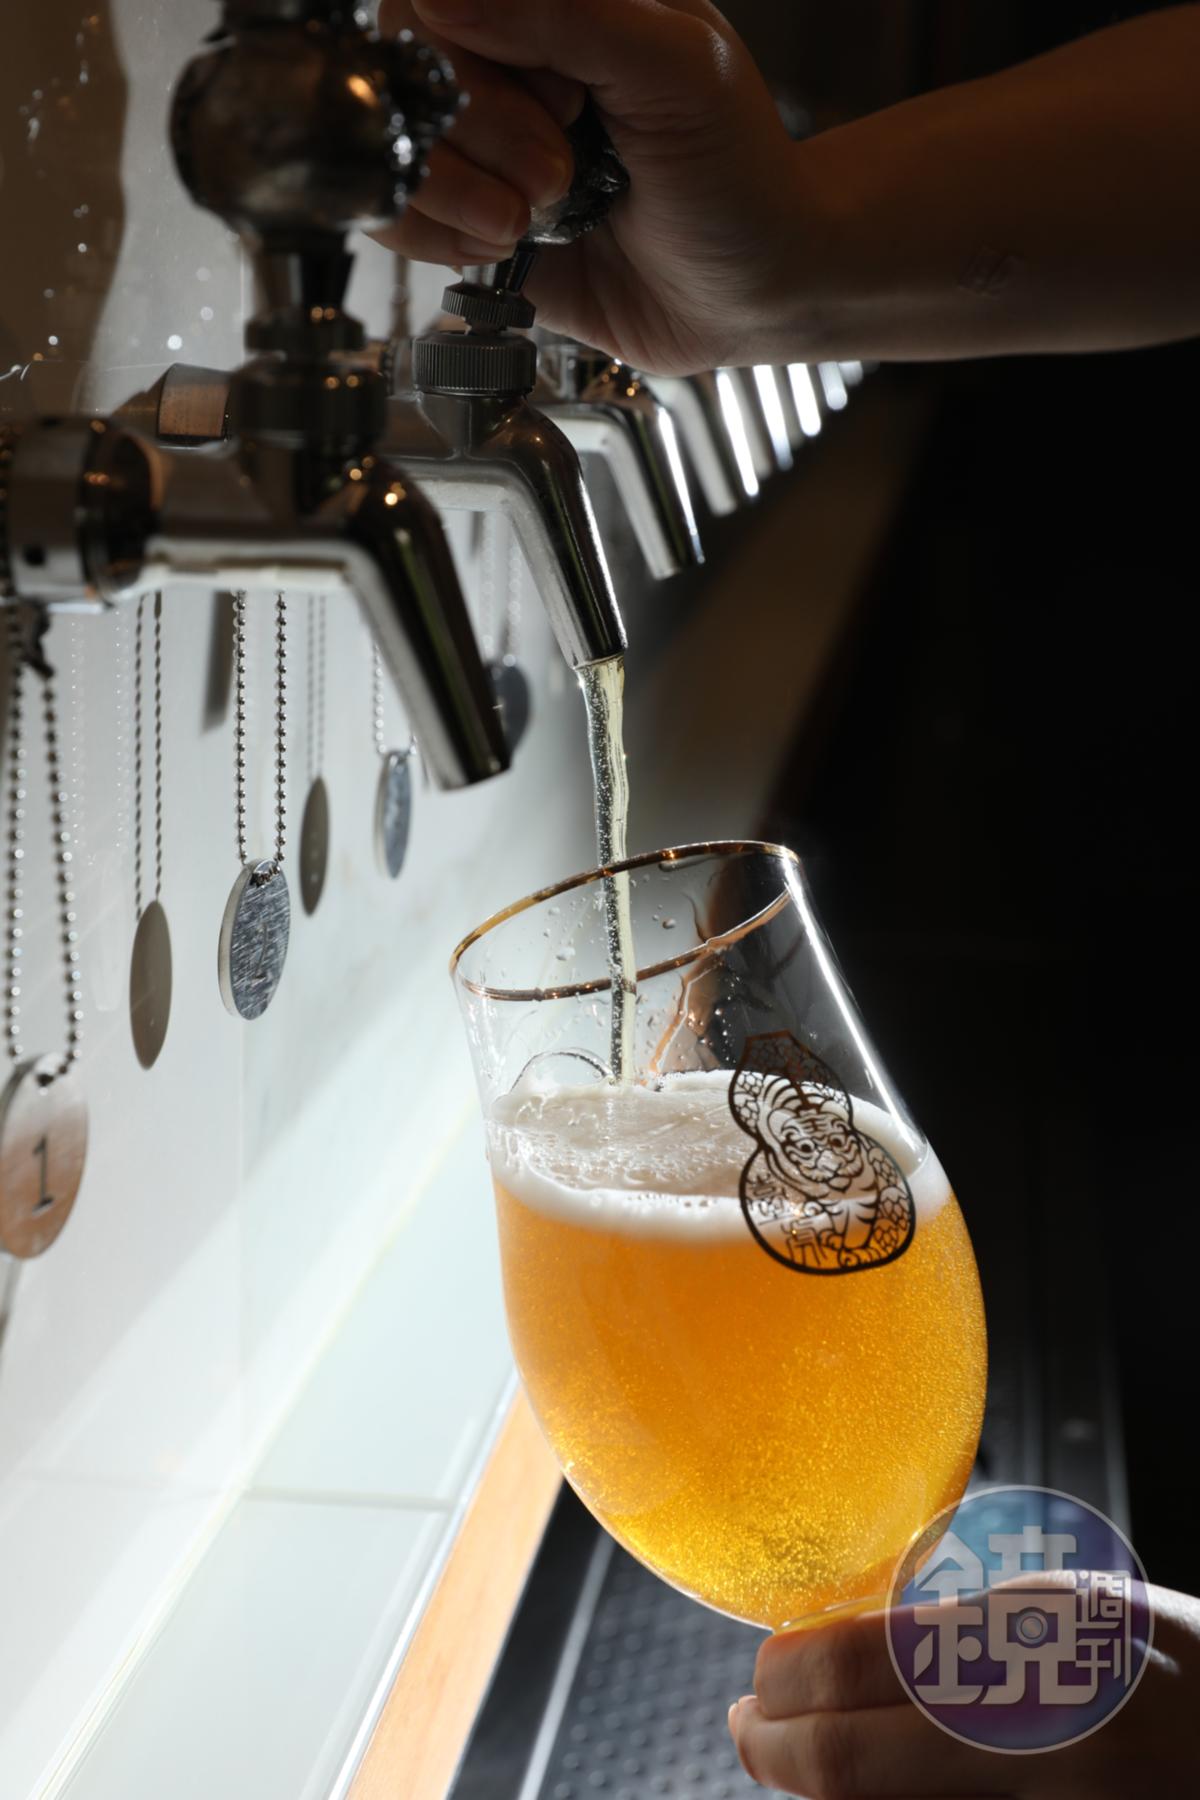 「啜飲室大安」現場有24支生啤酒on tap,每天供應不同酒單。